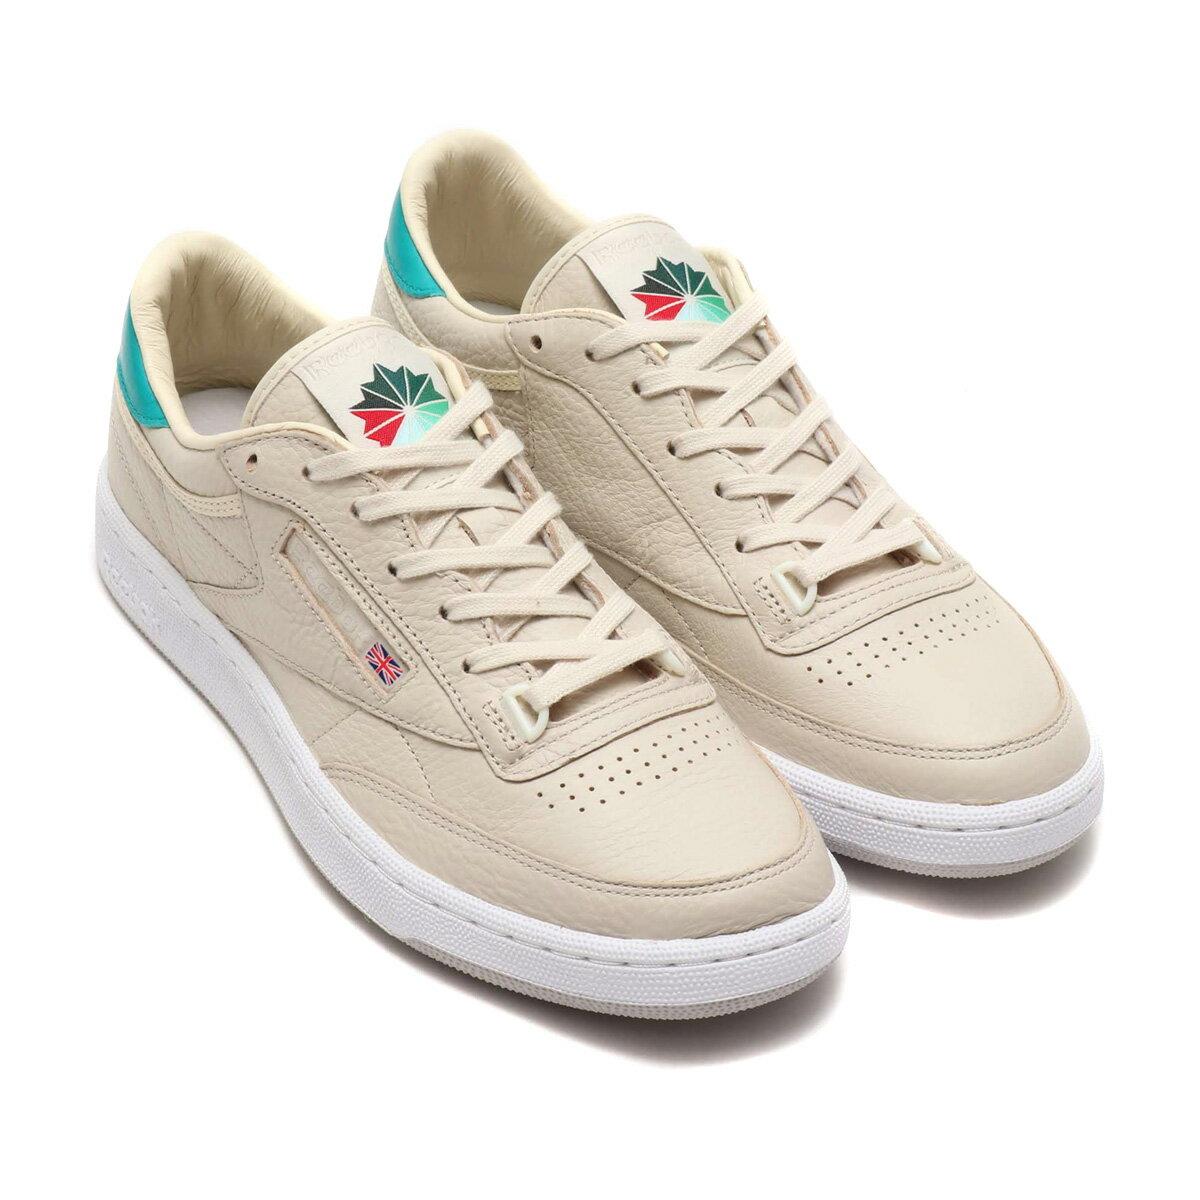 メンズ靴, スニーカー Reebok CLUB C 85 PACKER( C 85 )STACOPAPER WHITEEMERALD HAYESJIN GRAY 18FW-I